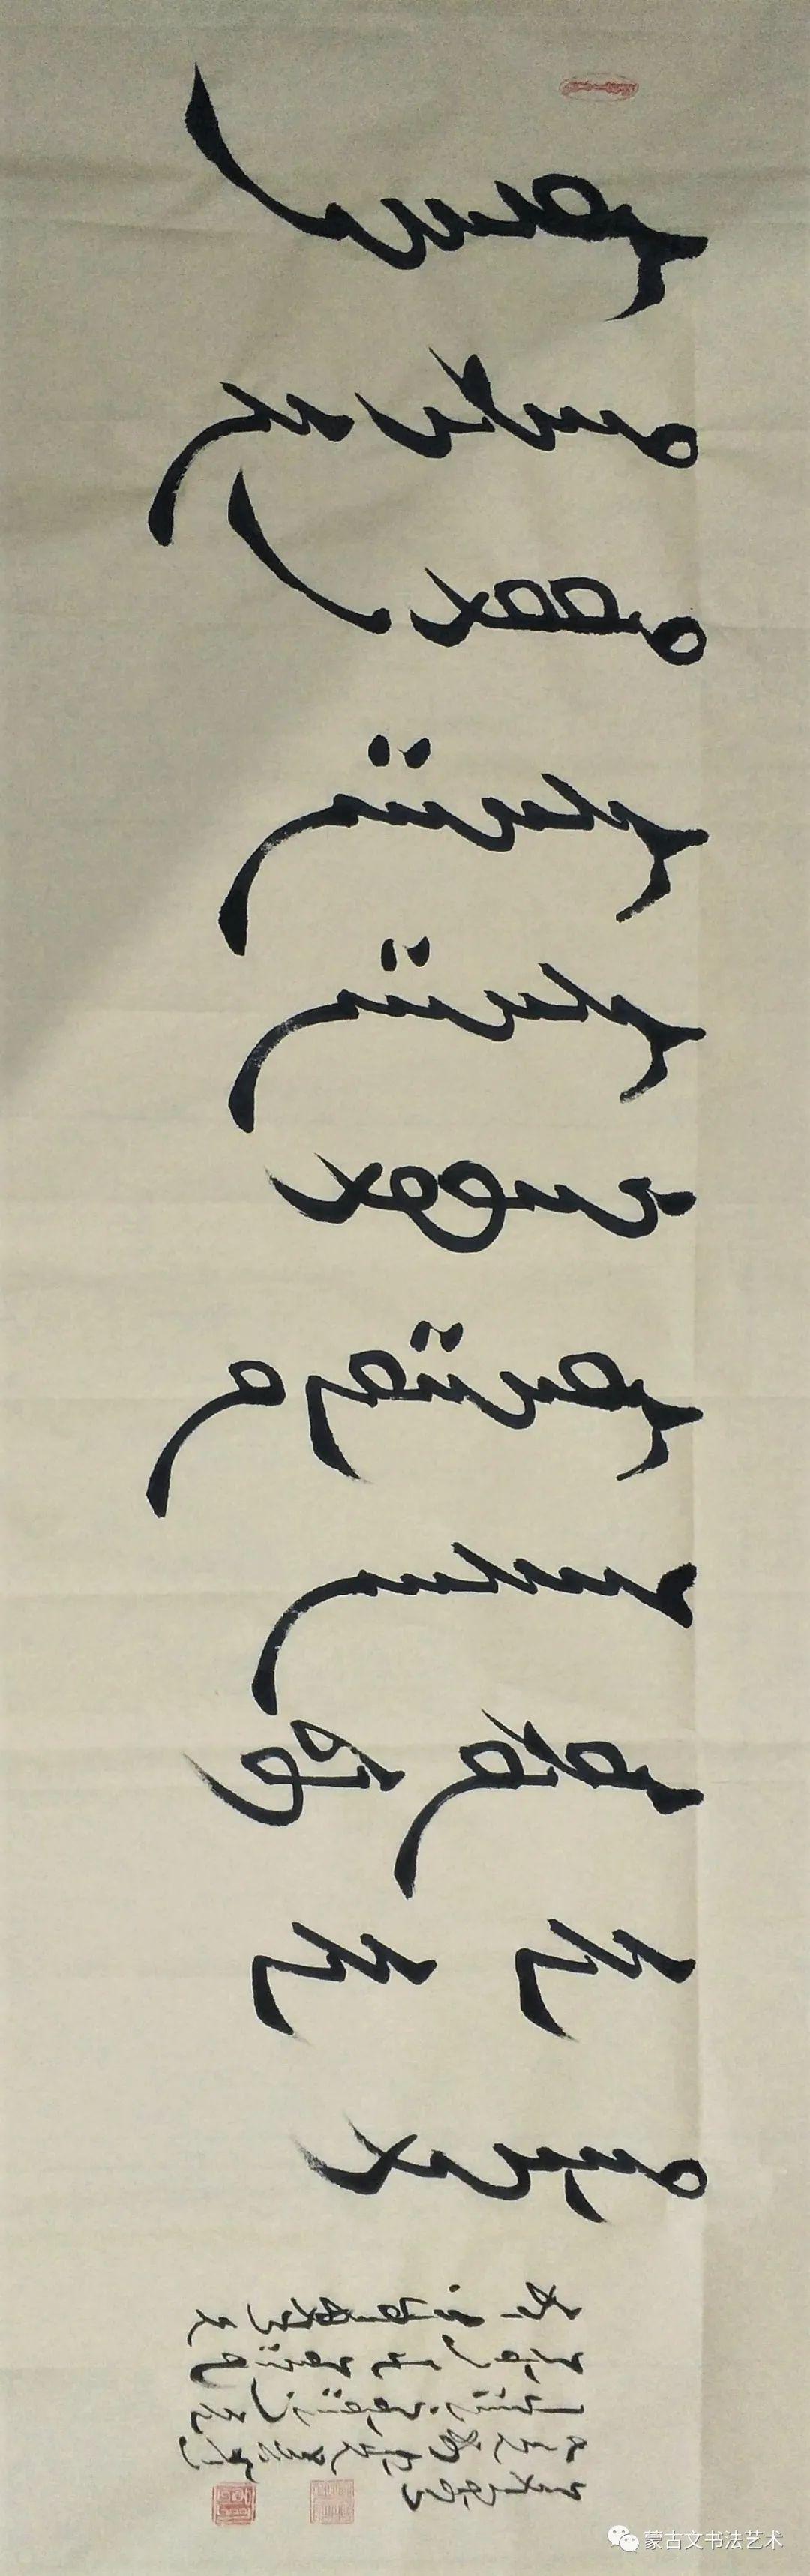 铁龙蒙古文书法 第9张